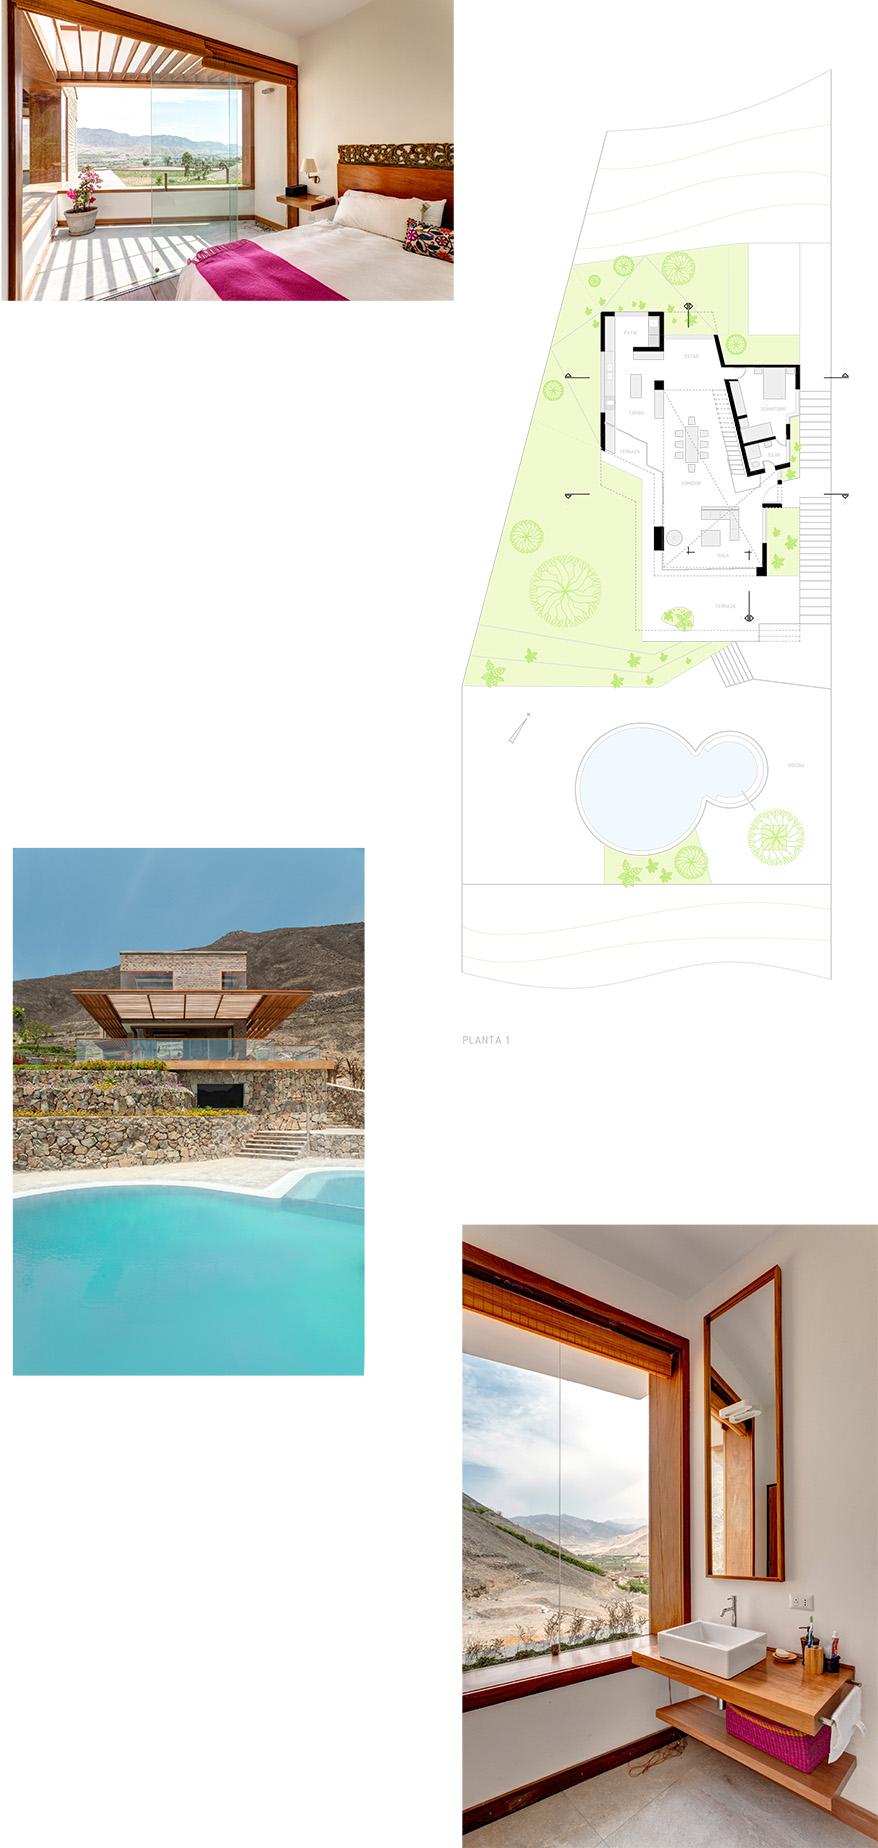 Interiores y planos de Casa en Azpitia